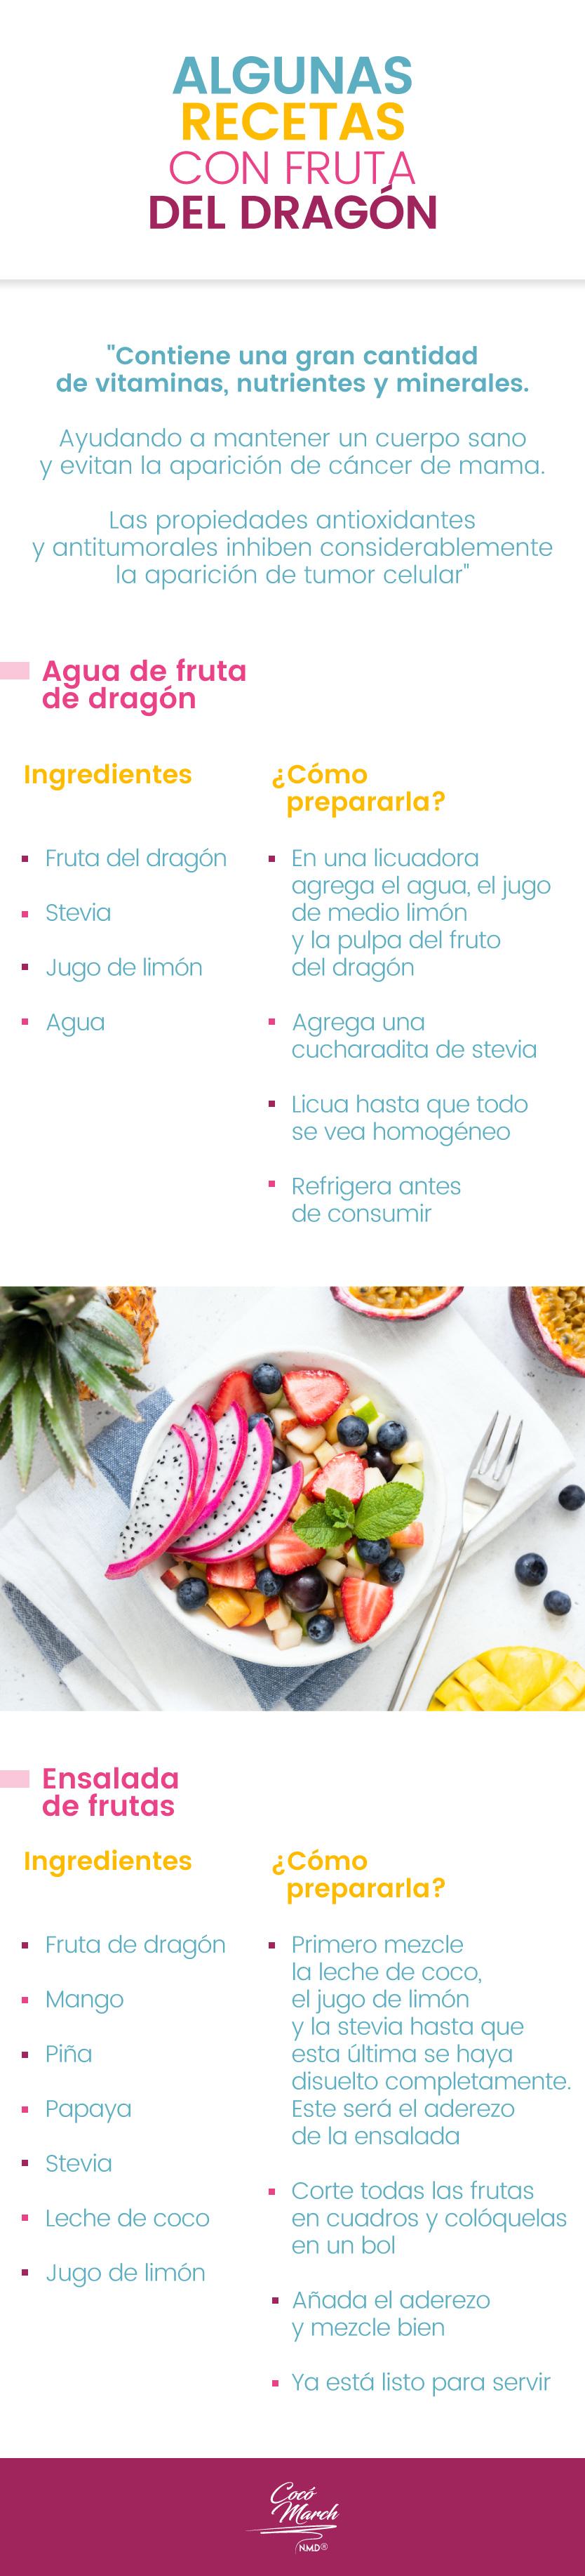 recetas-con-fruta-del-dragon